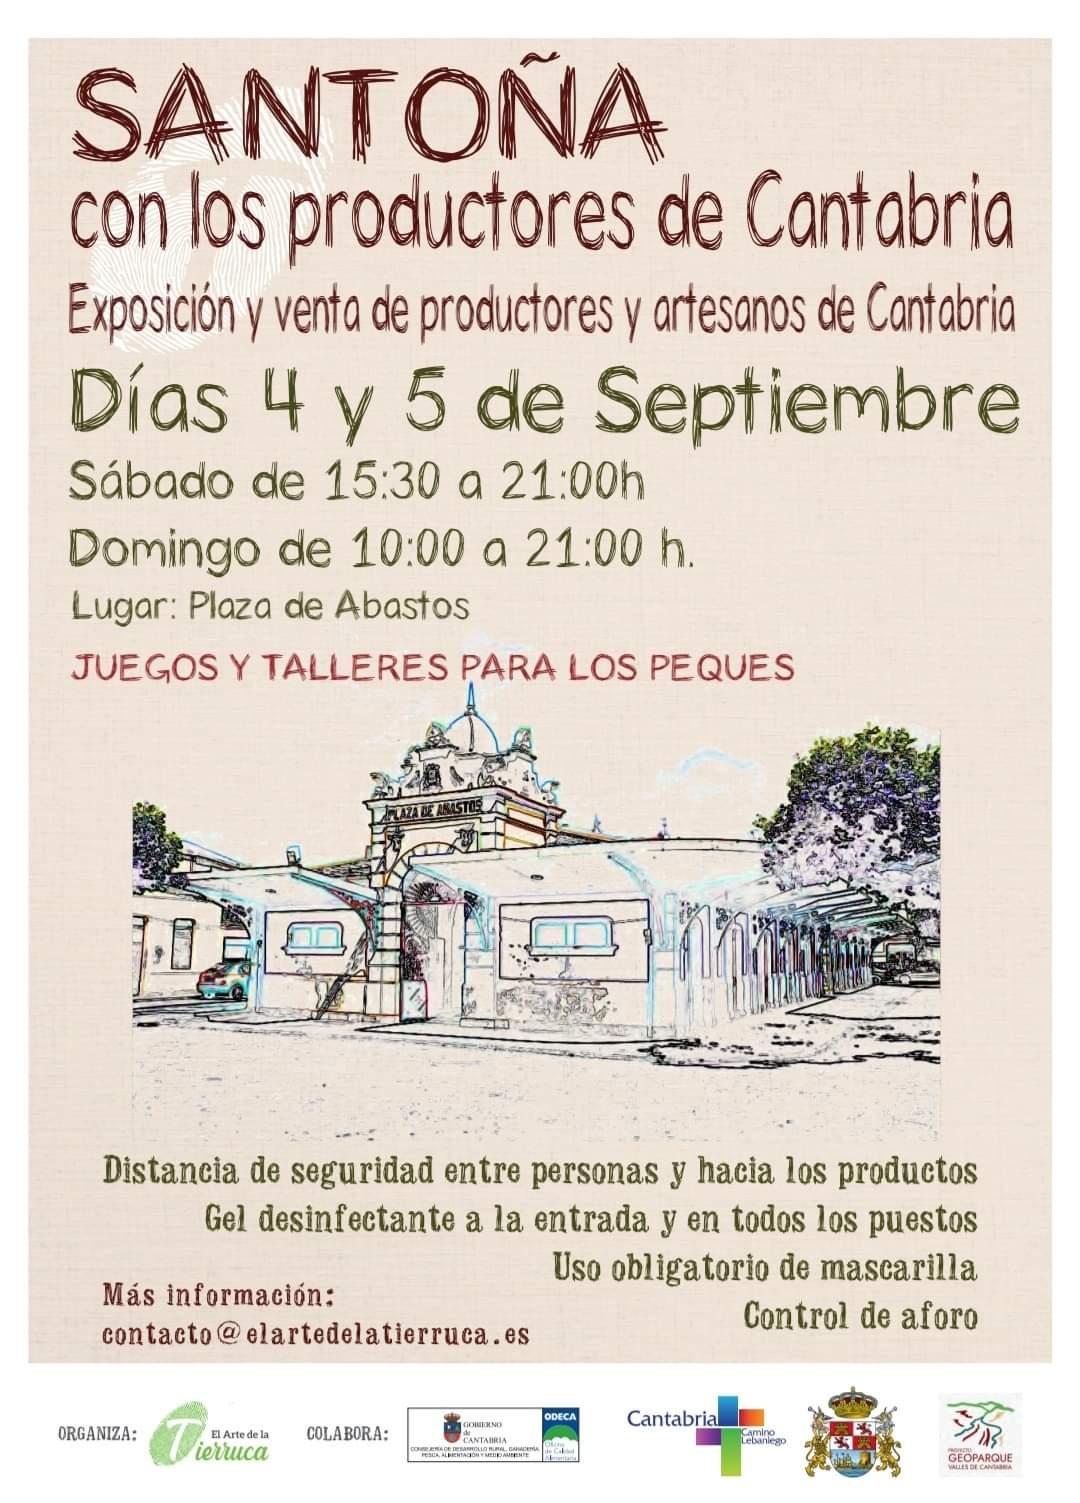 Santoña con los Productores de Cantabria Días 4 y 5 de Septiembre 4 de Septiembre de 15:30 a 21h 5 de Septiembre 10 a 21h Juegos y Talleres para los Peques